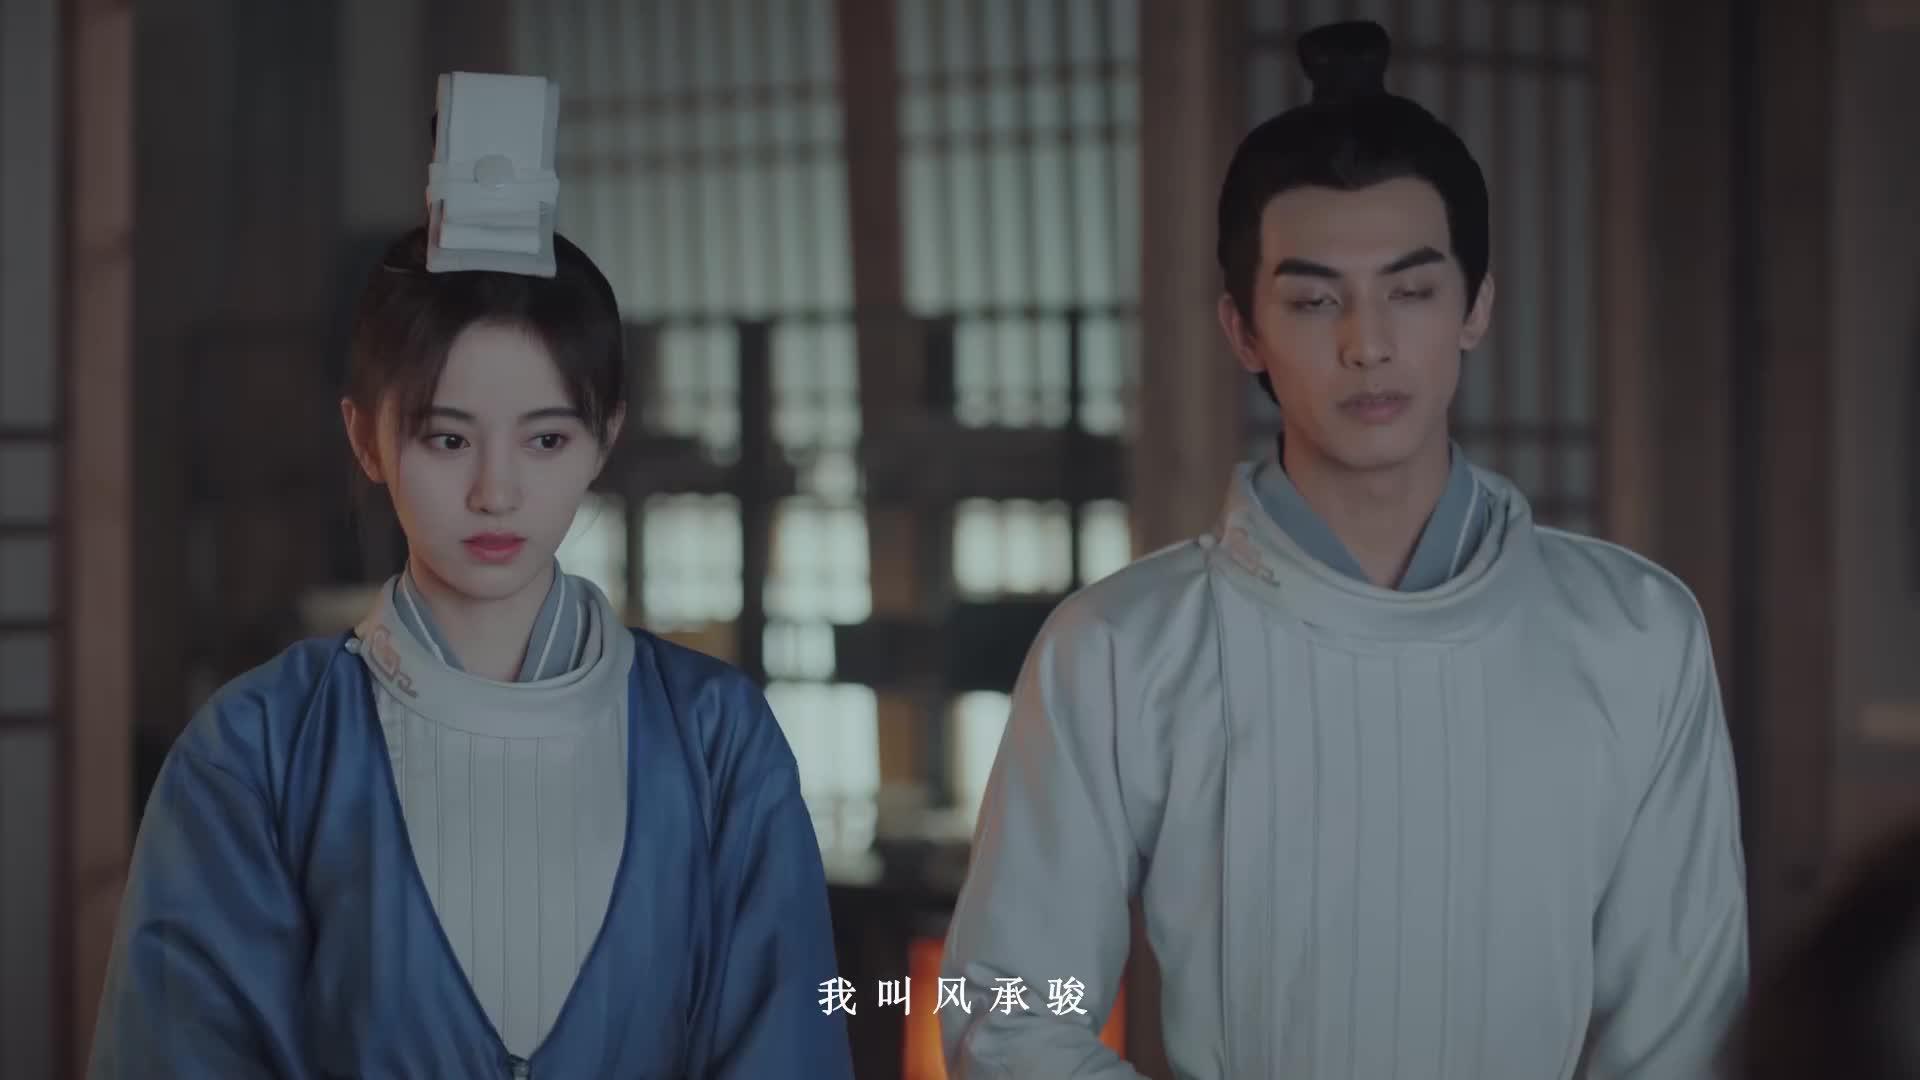 《漂亮书生》预告,鞠婧祎女扮男装闯学堂,宋威龙毕雯珺王瑞昌!